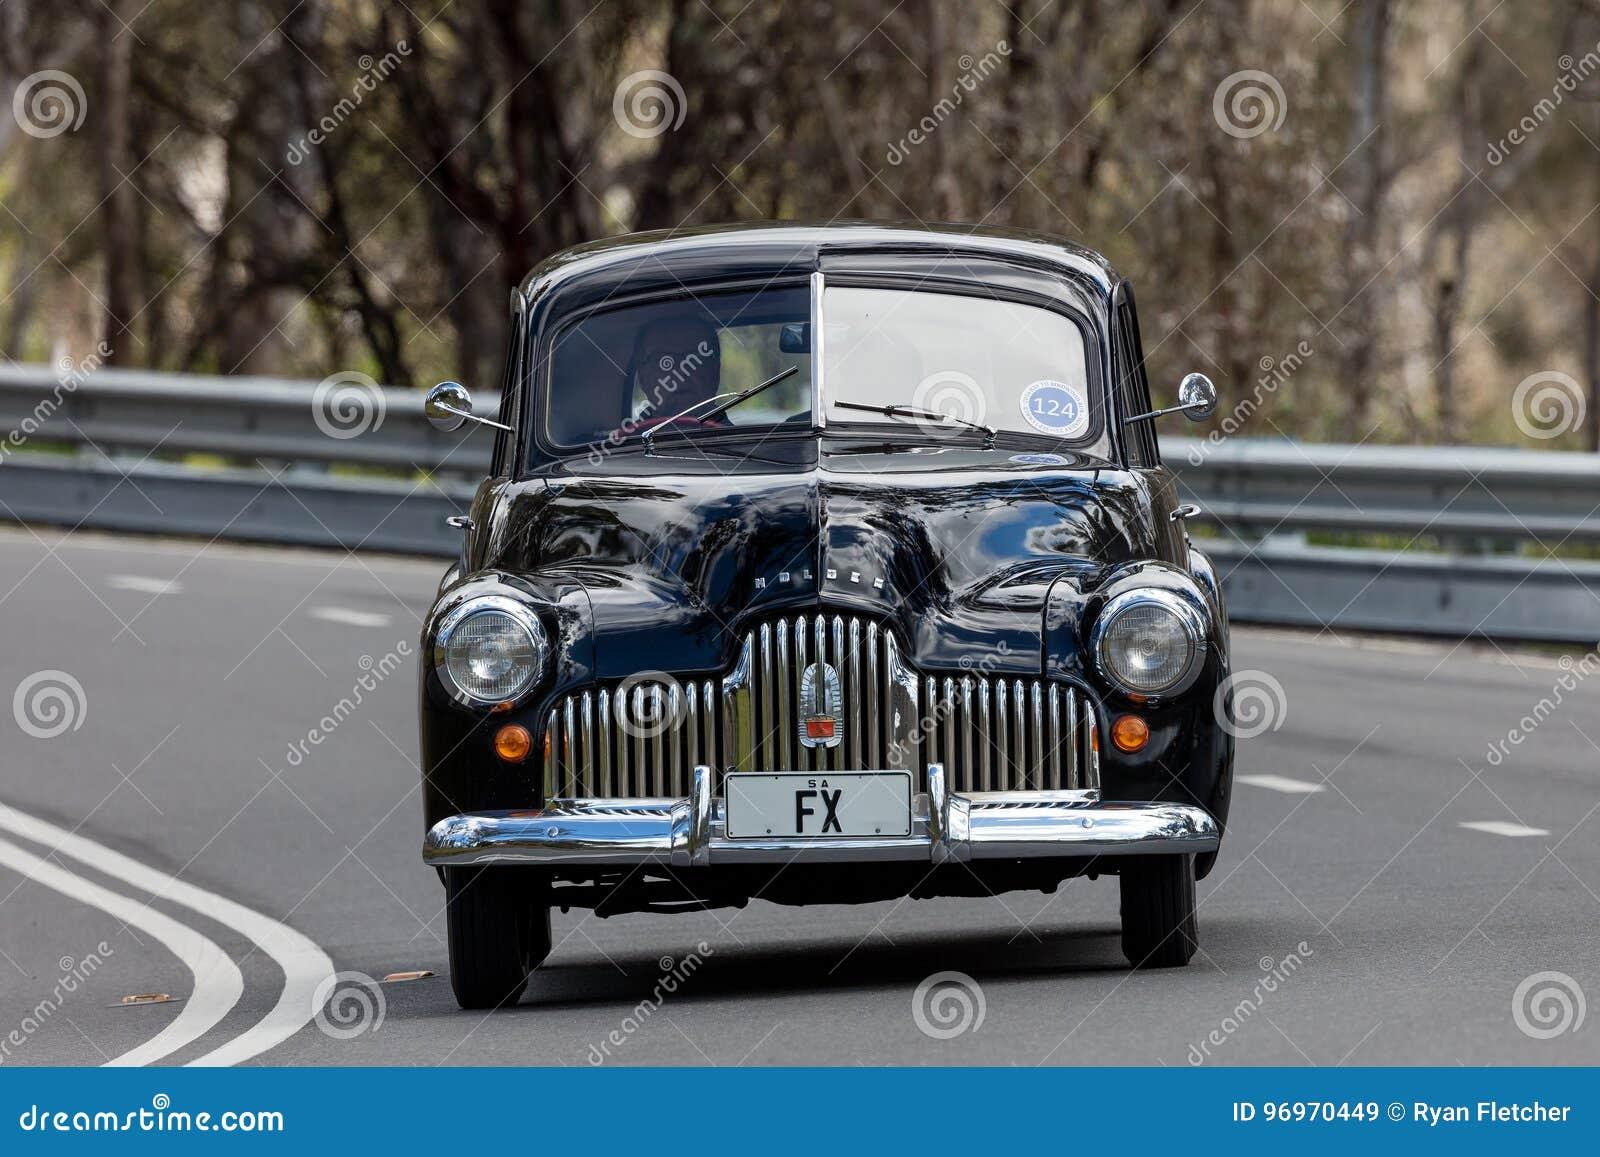 1950 Holden FX Sedan